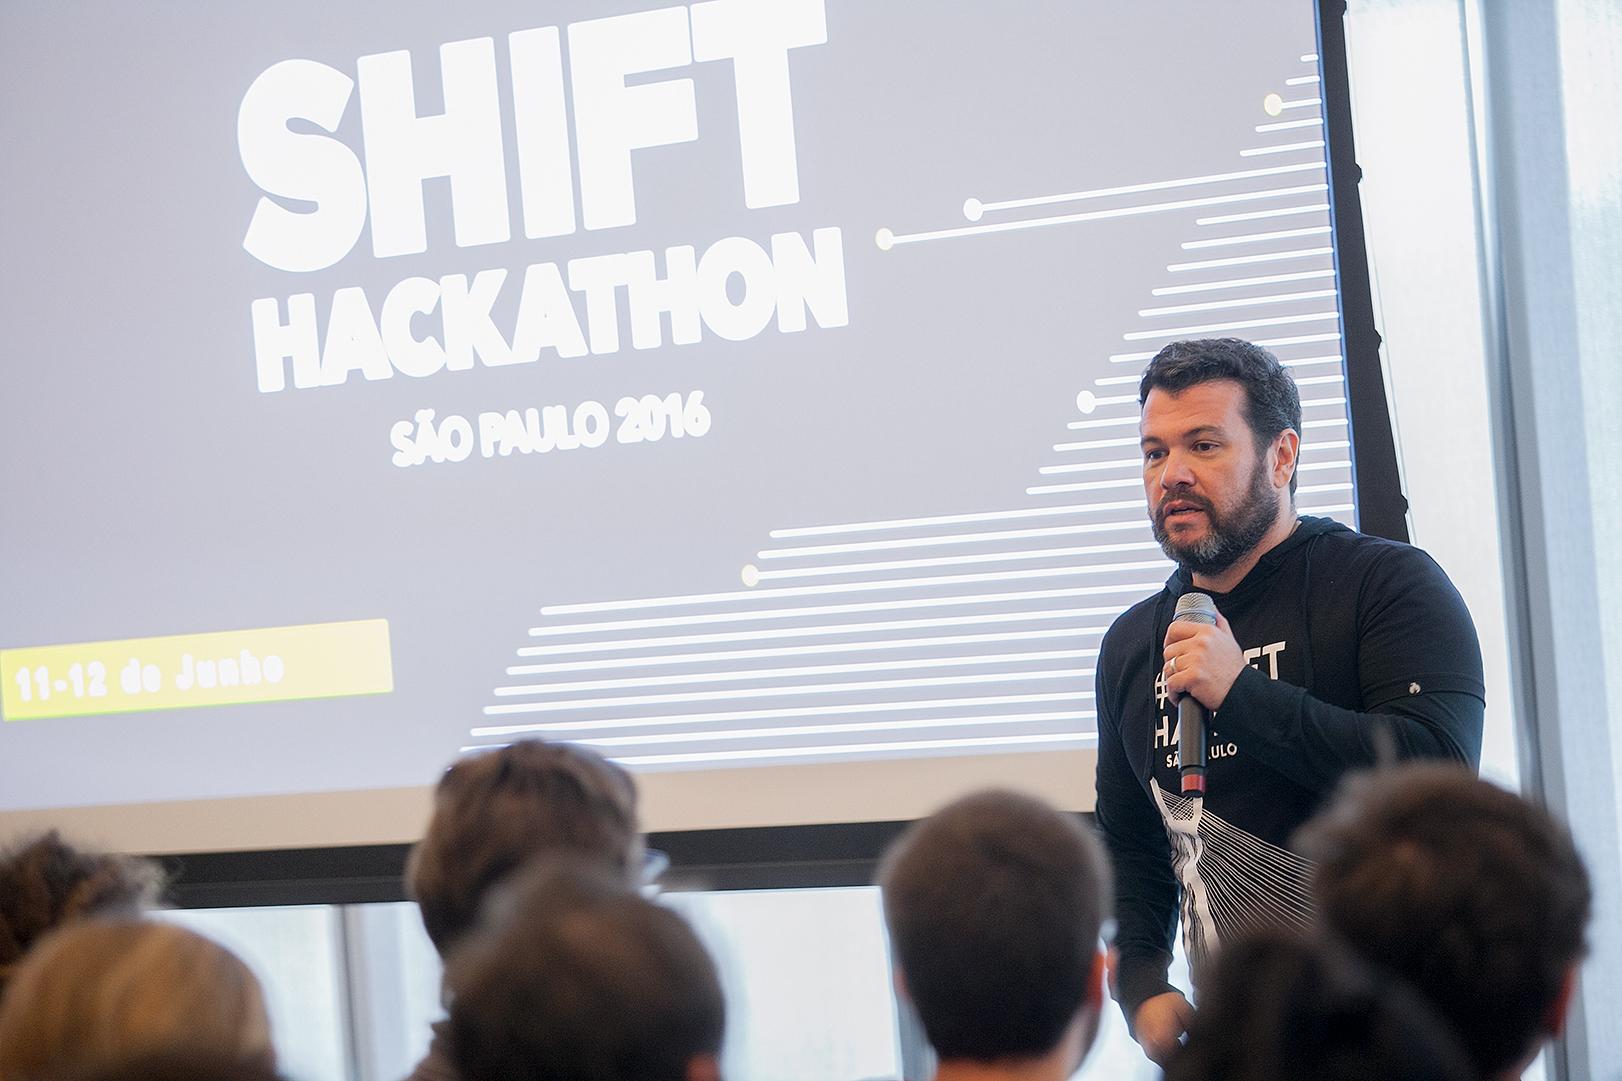 Hackathon_0166